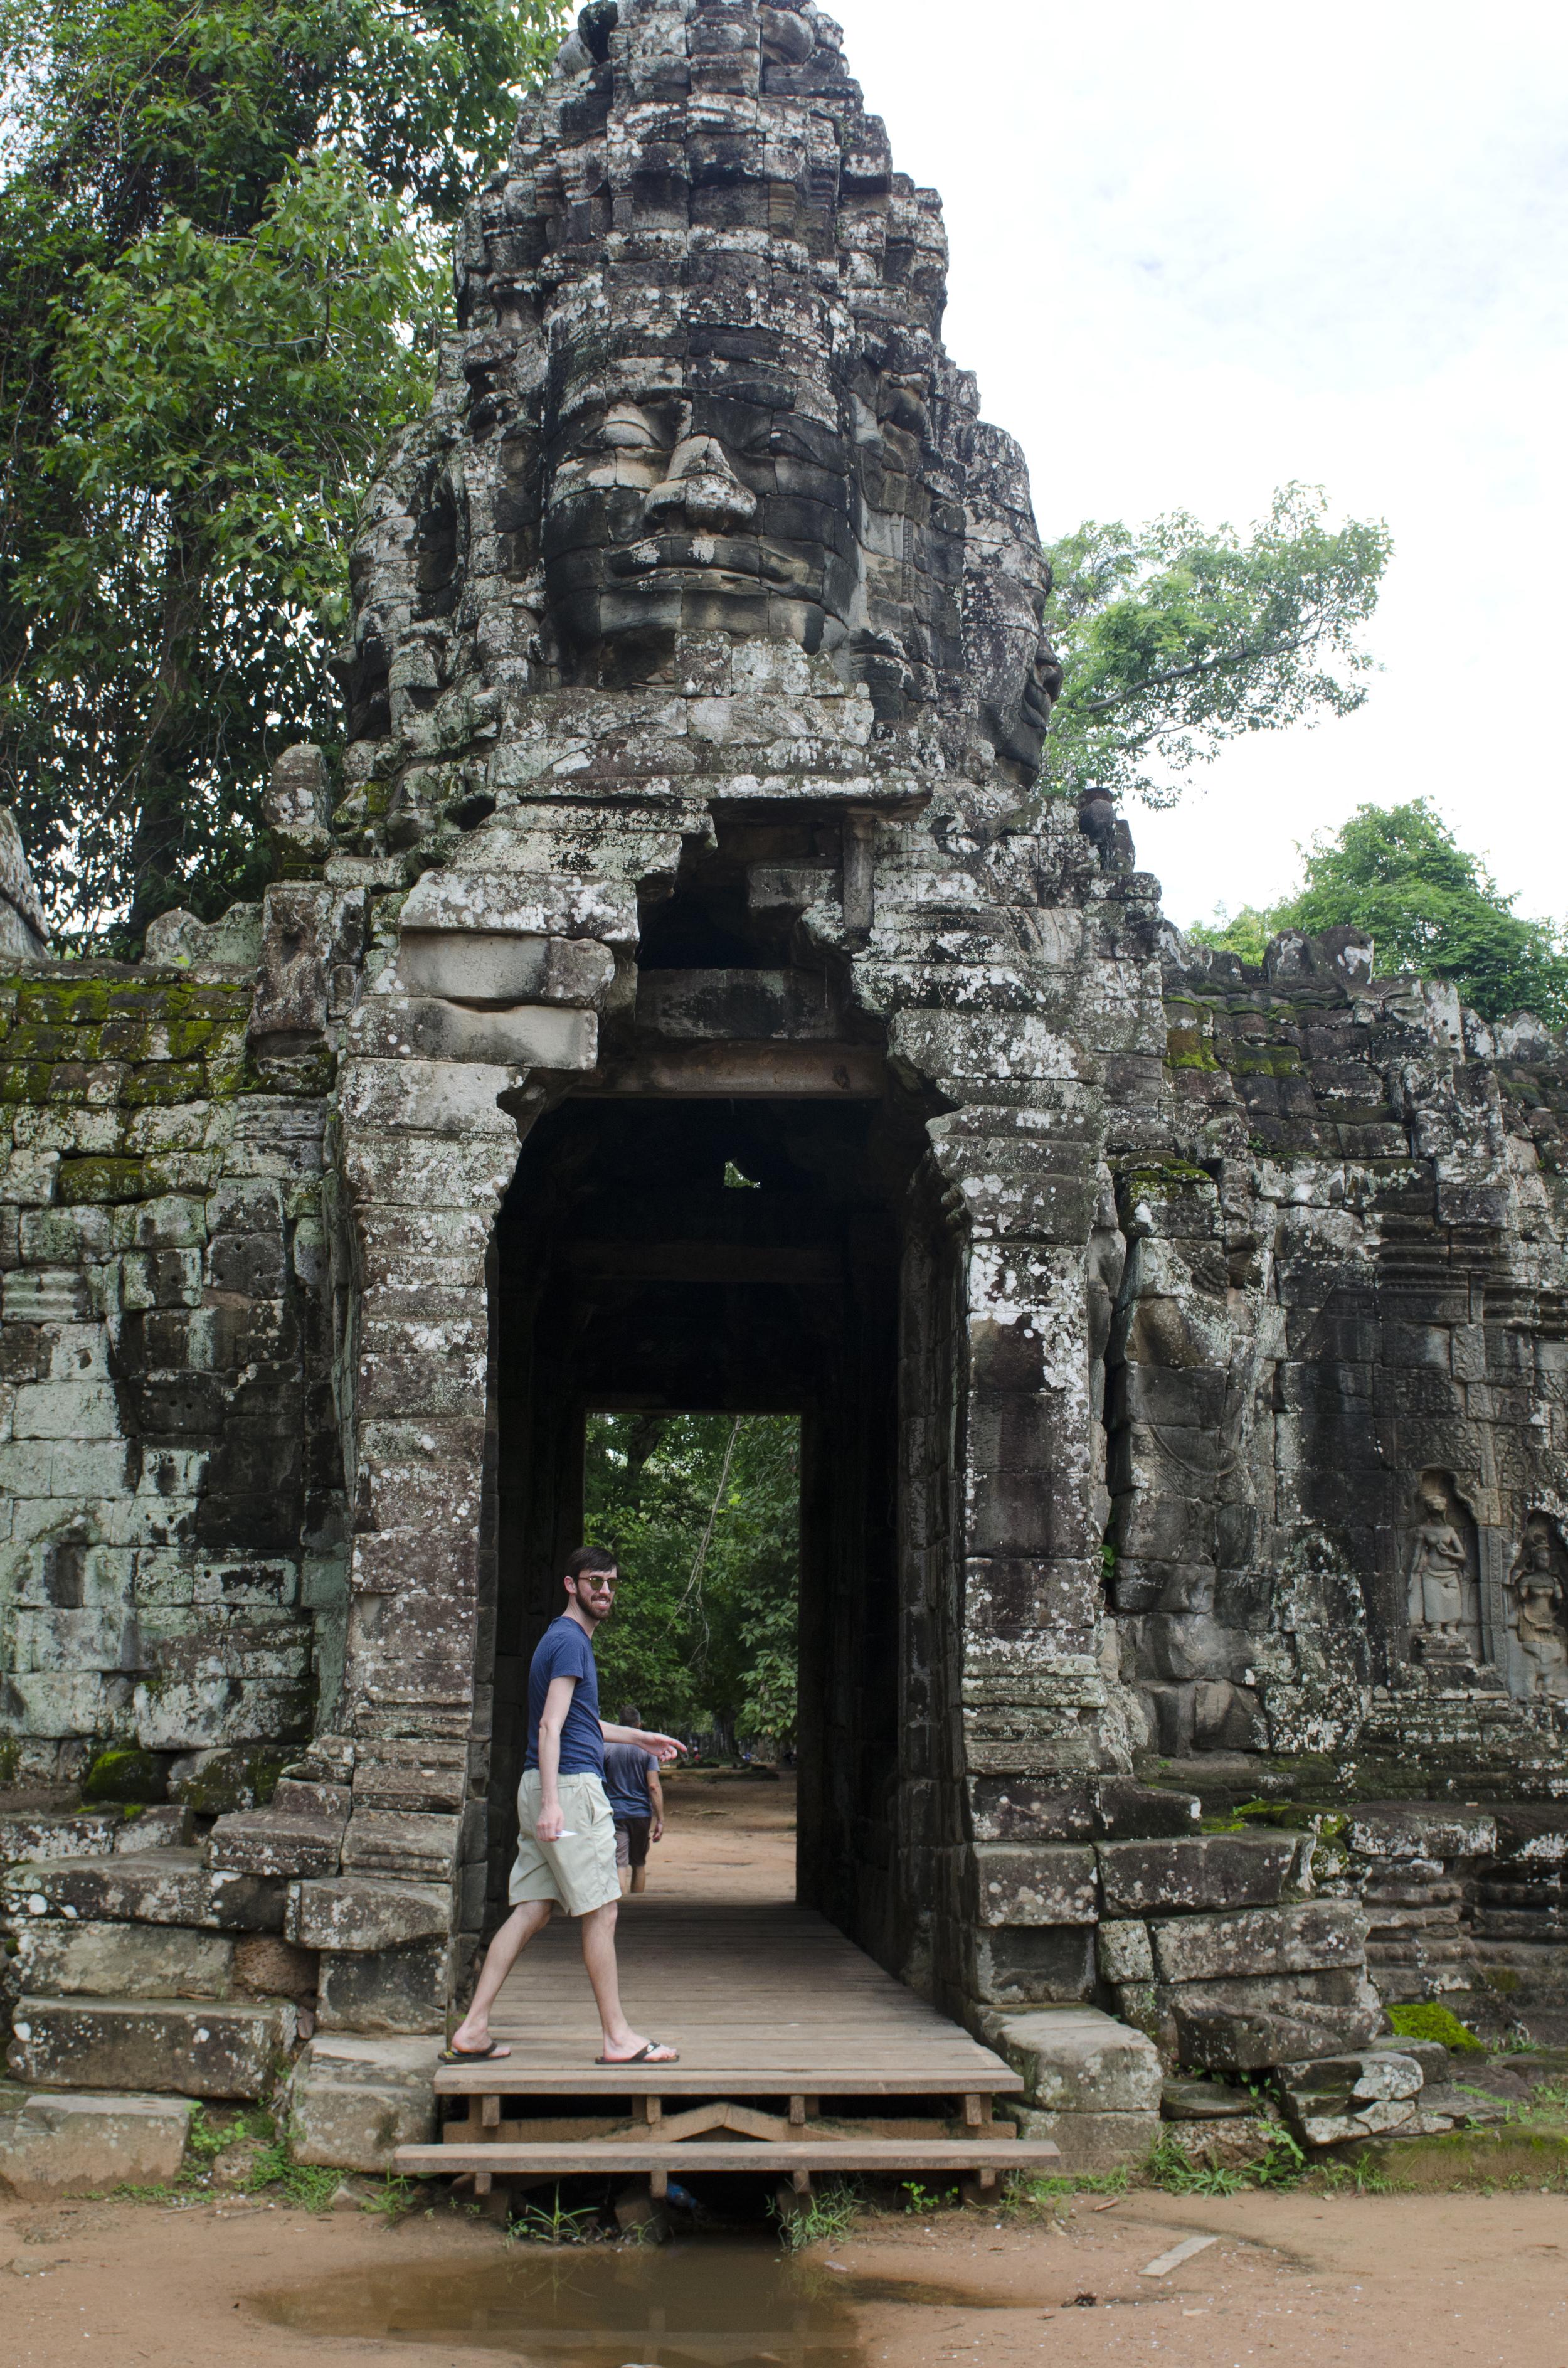 Headed into Banteay Kdei